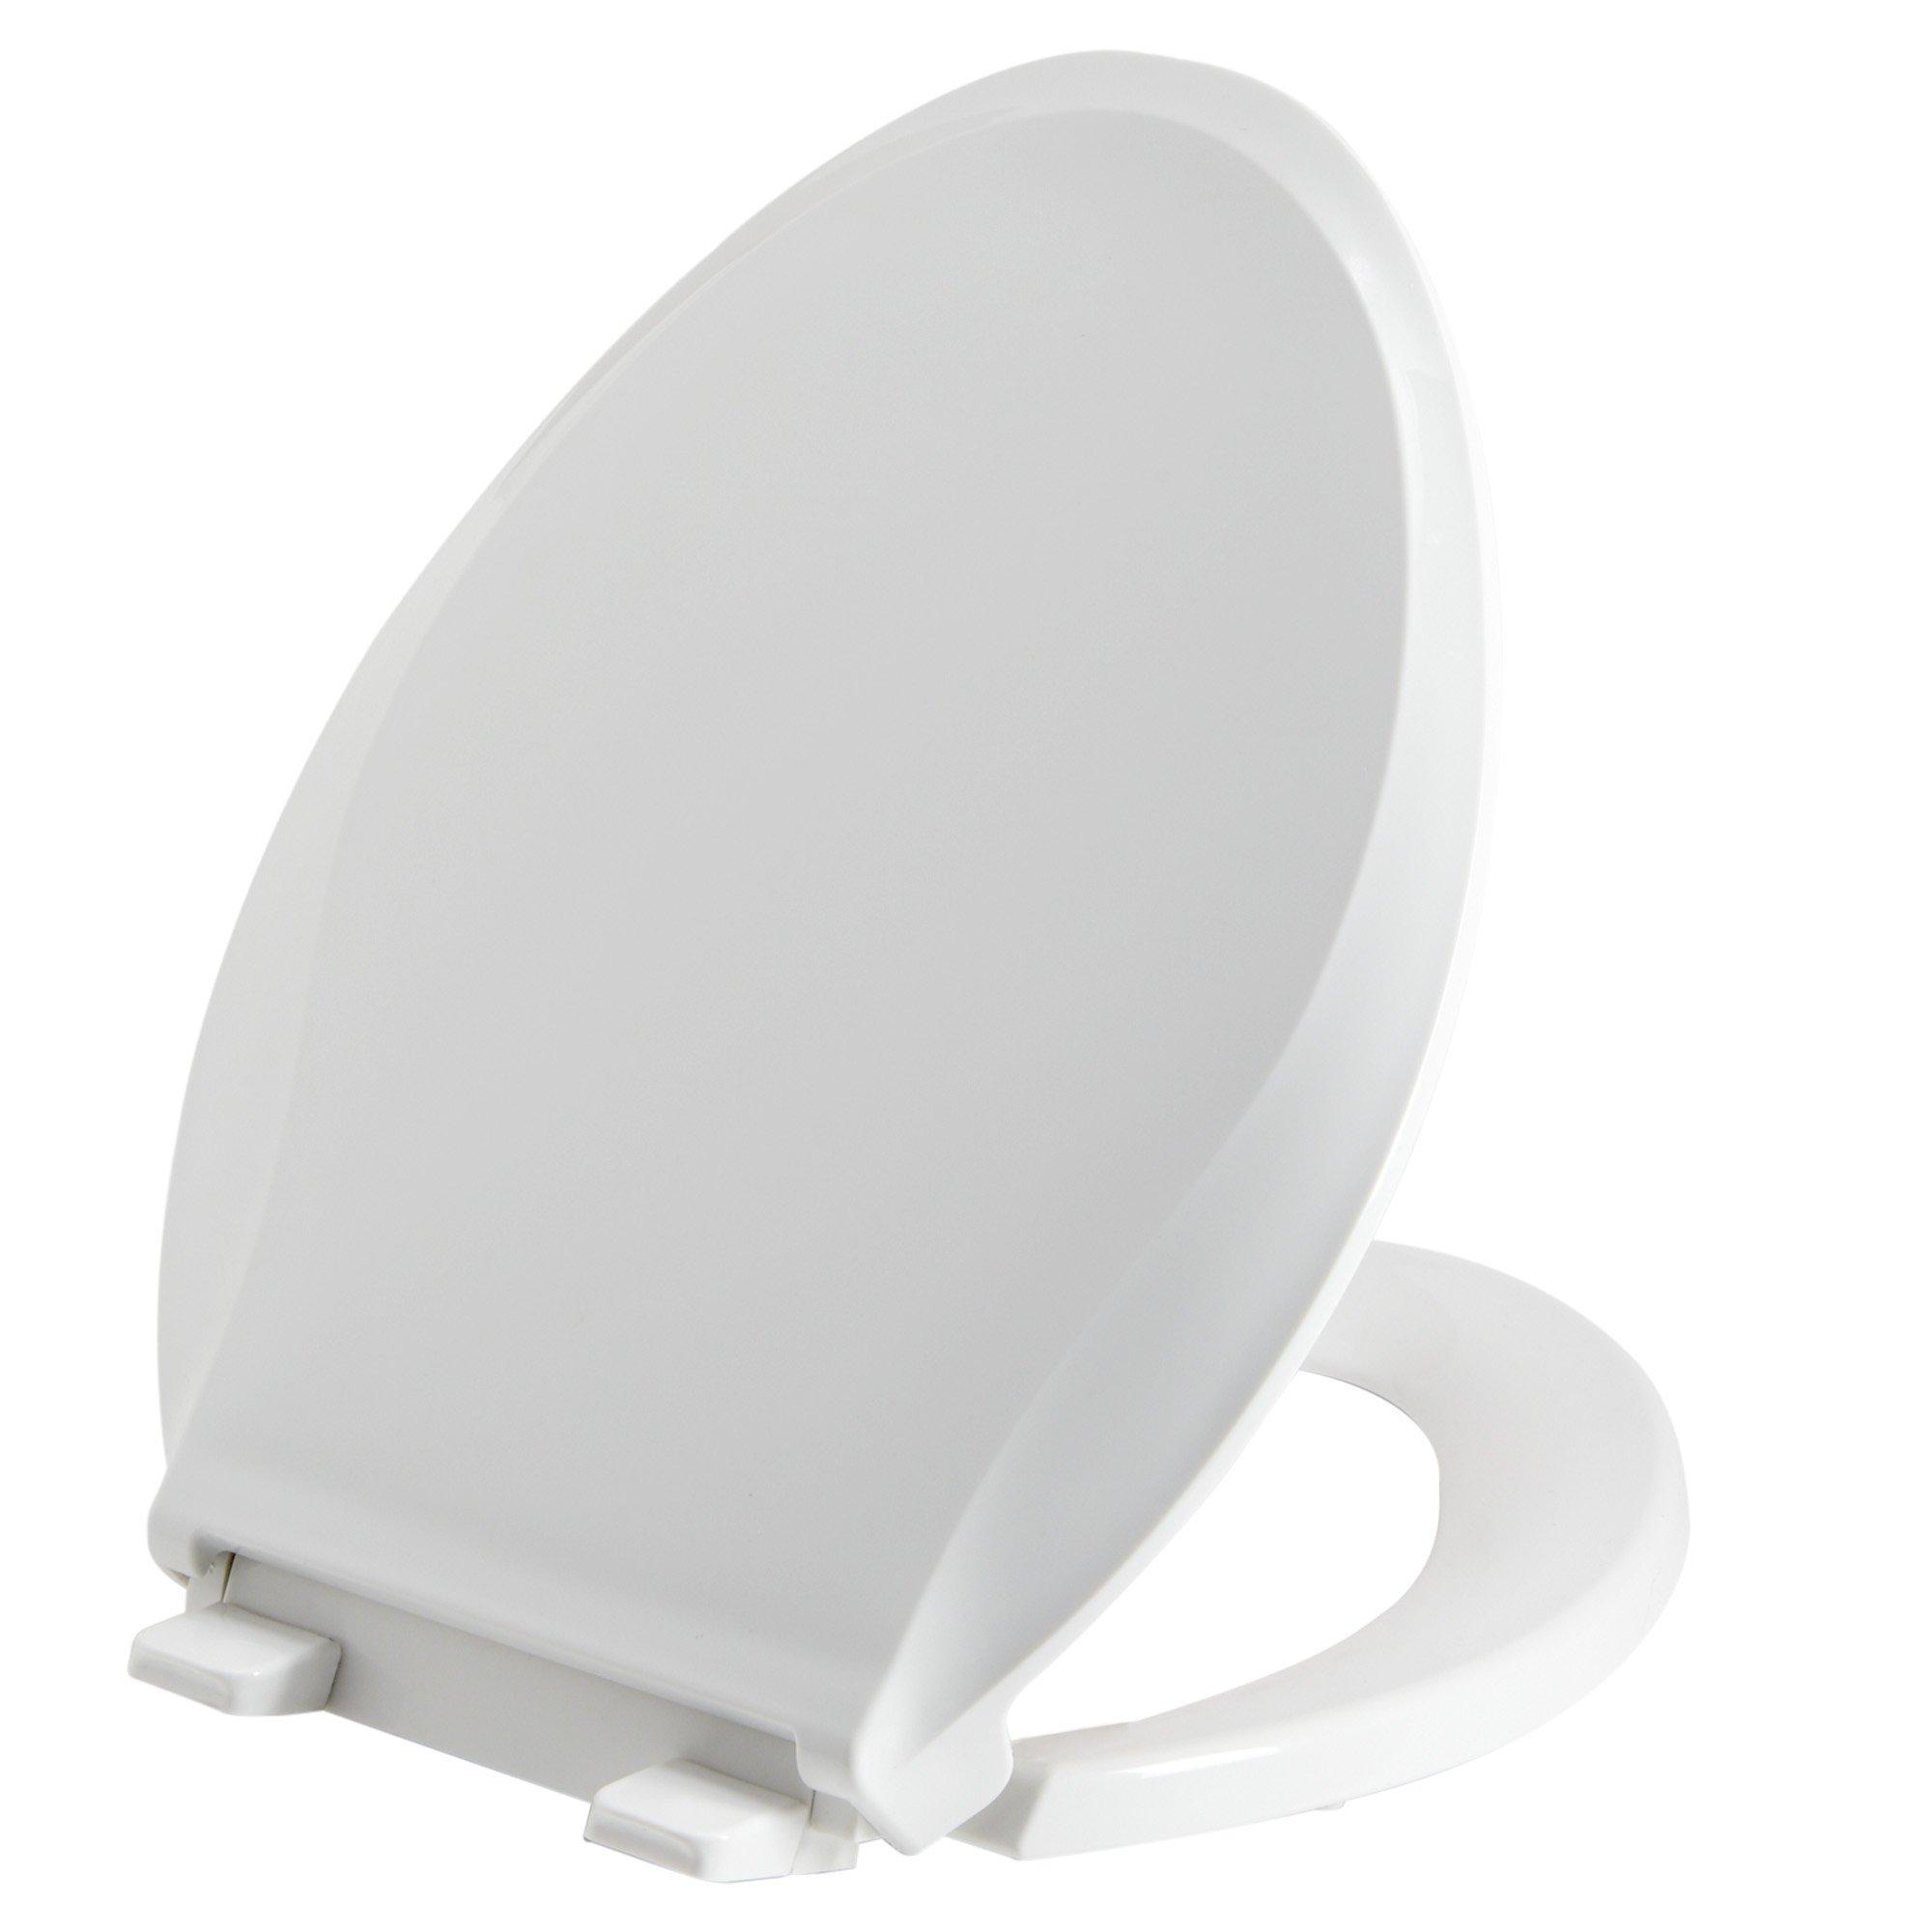 Park Ridge TSEW1418SC Elongated-Front Slo-Close Quick-Release Sure Grip Toilet Seat, White